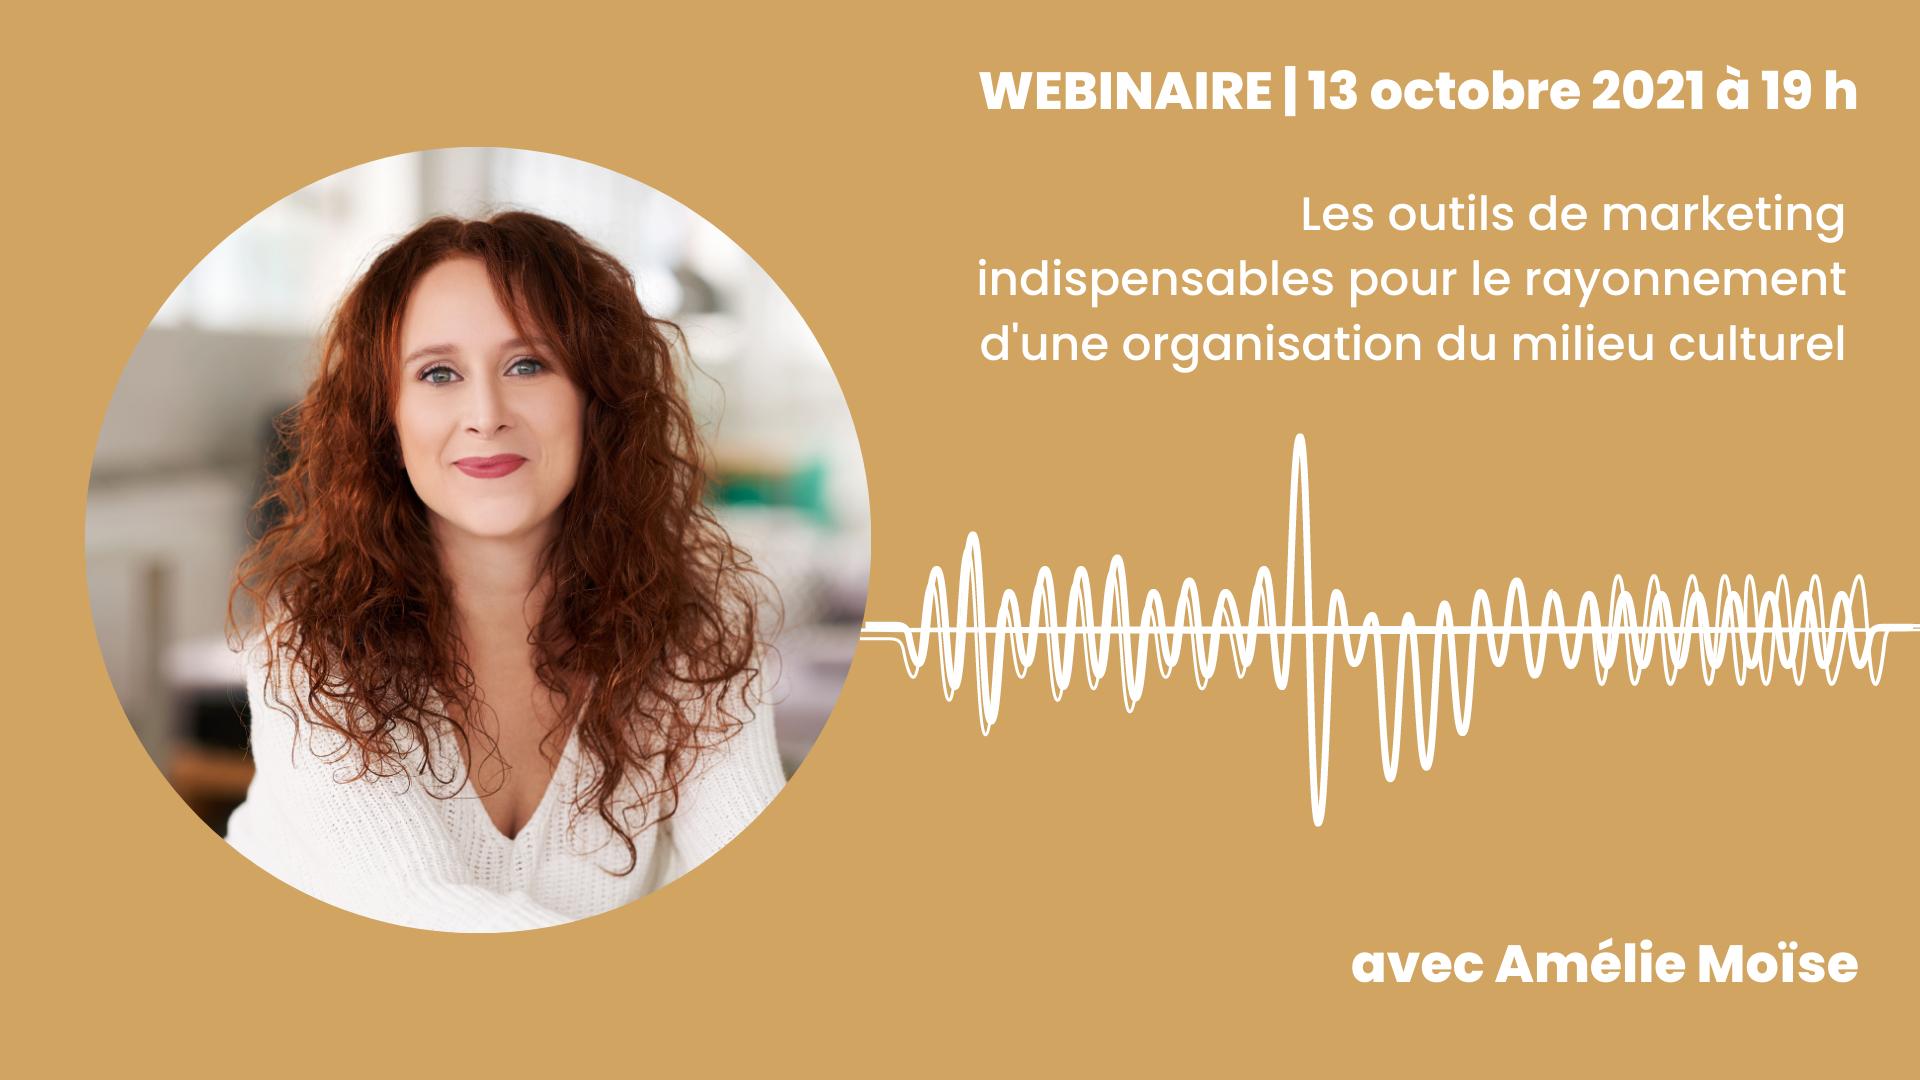 WEBINAIRE | Les outils de marketing indispensables pour le rayonnement d'une organisation du milieu culturel